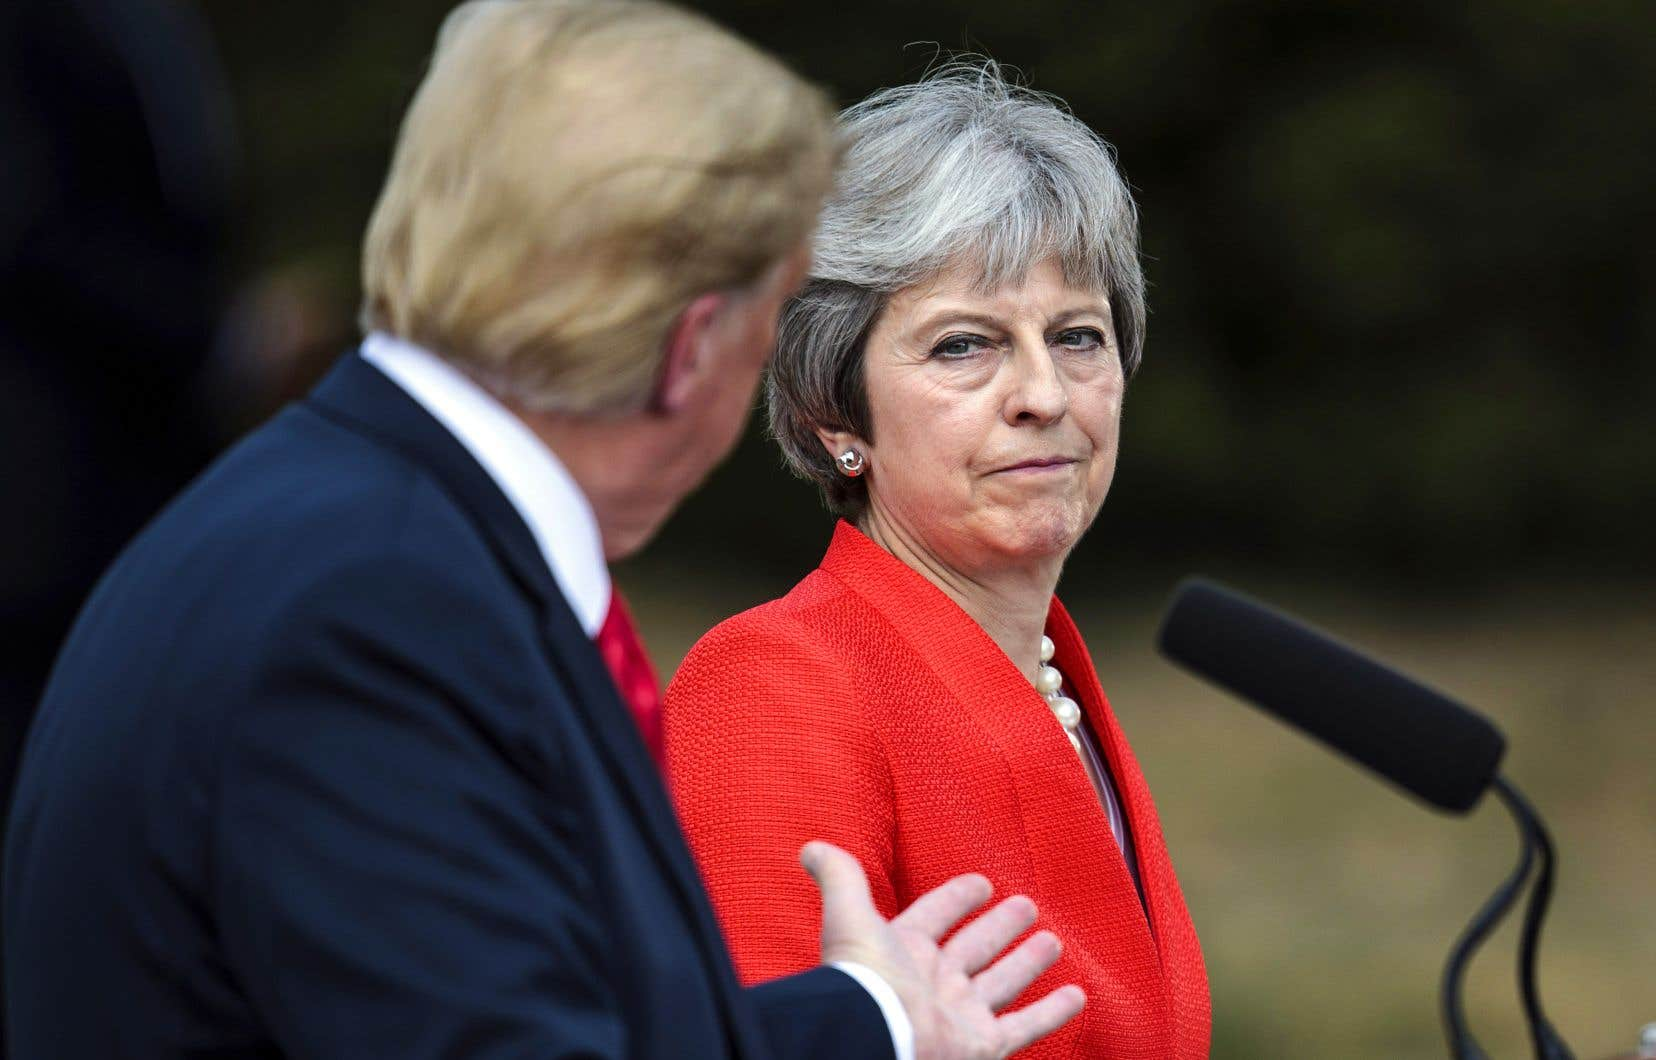 À travers le bruit des manifestations anti-Trump, le président des États-Unis a fait de la gymnastique diplomatique vendredi en rencontrant la première ministre Theresa May et la reine Elizabeth II en Angleterre.